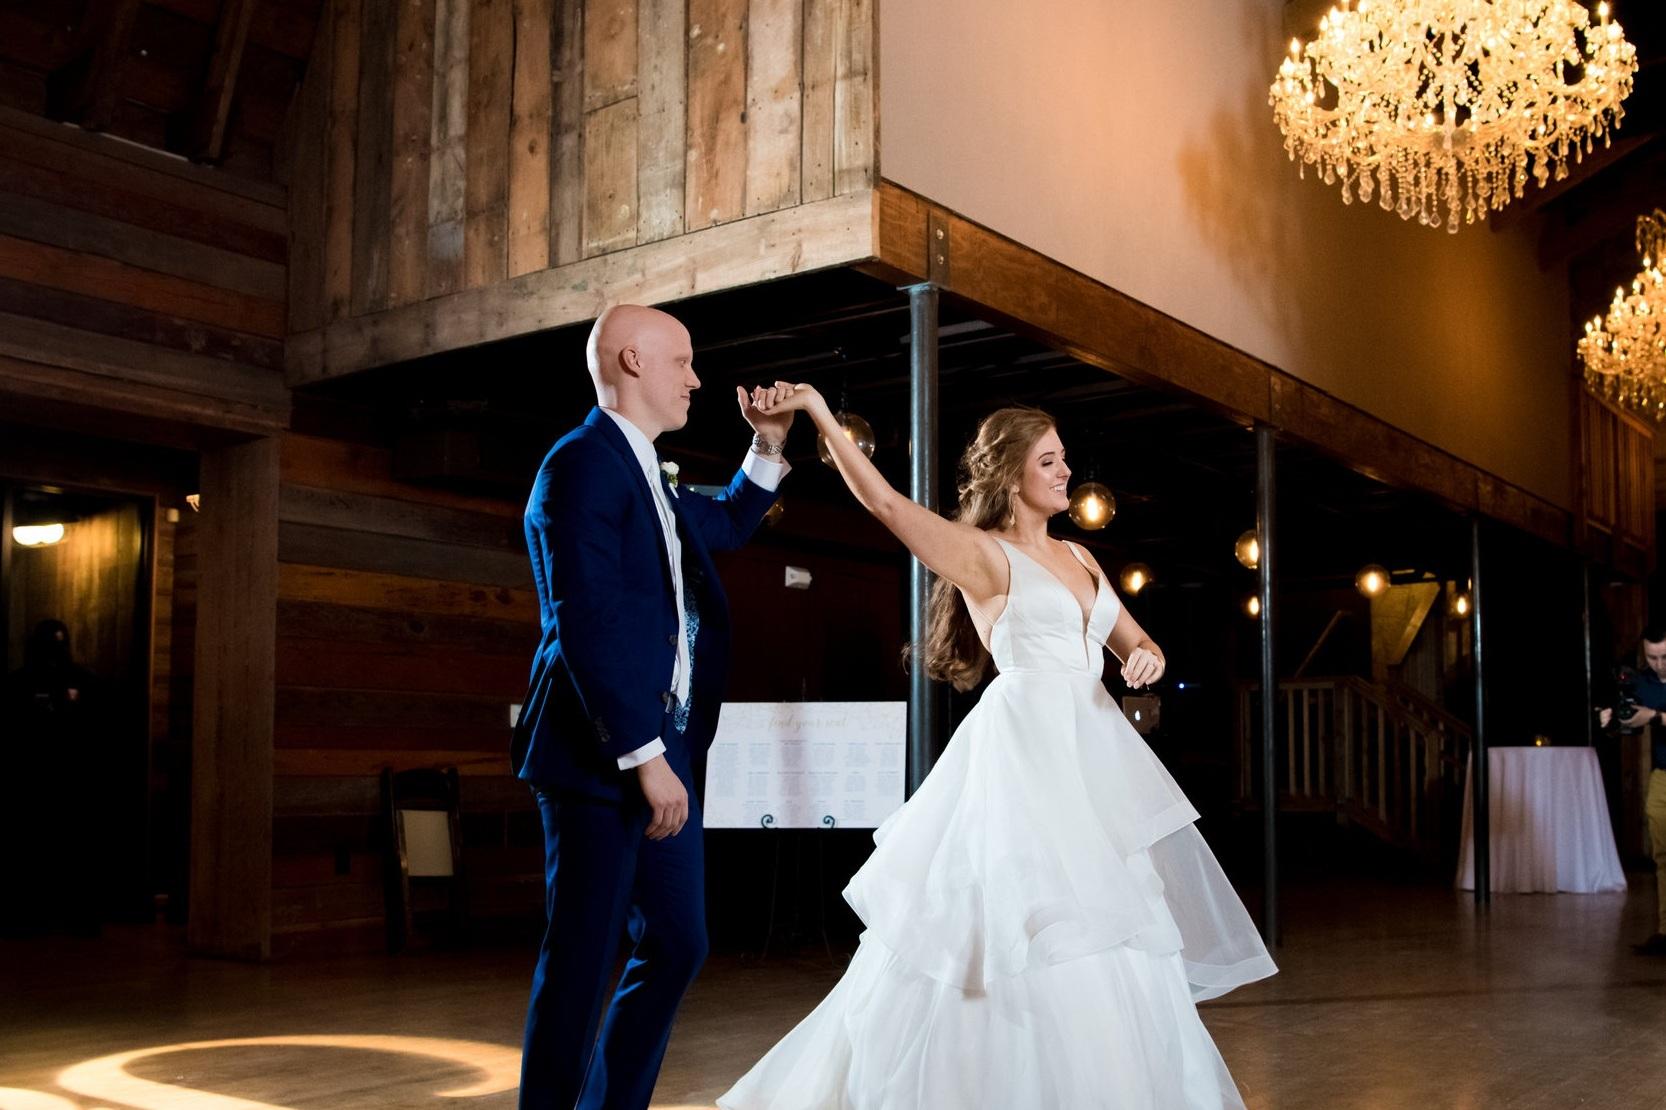 - wedding dances